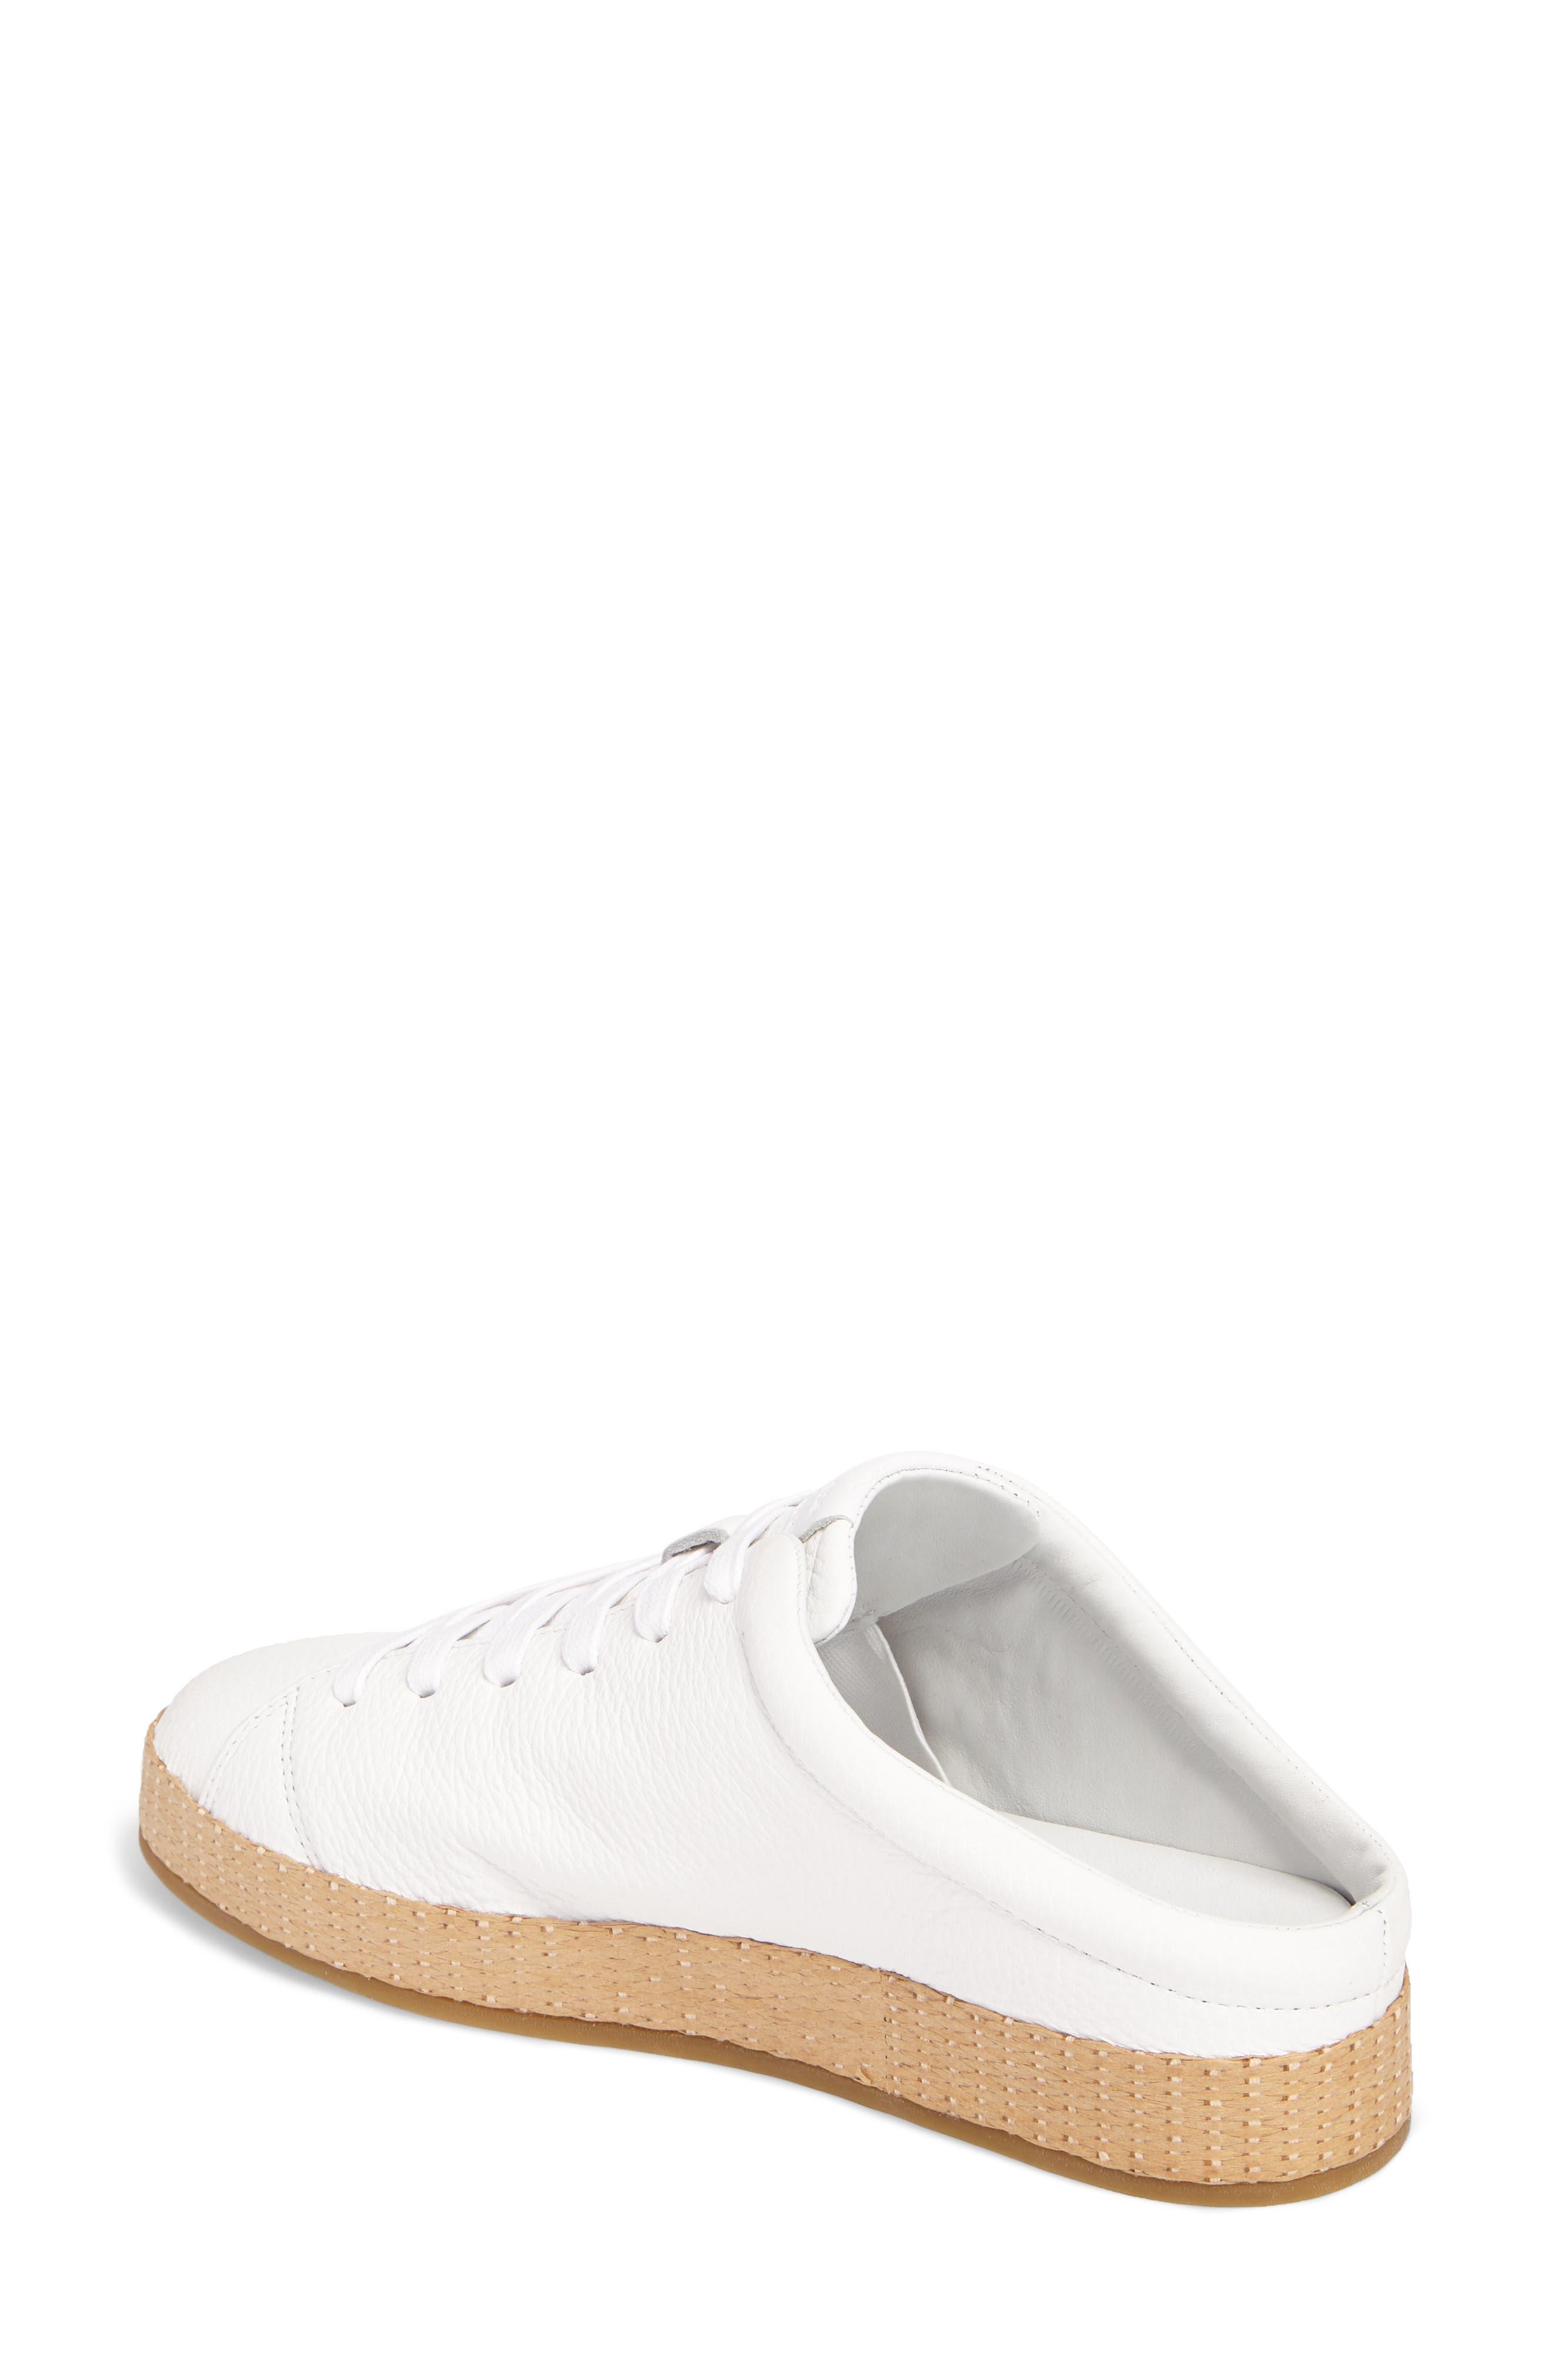 RB1 Slip-On Sneaker,                             Alternate thumbnail 6, color,